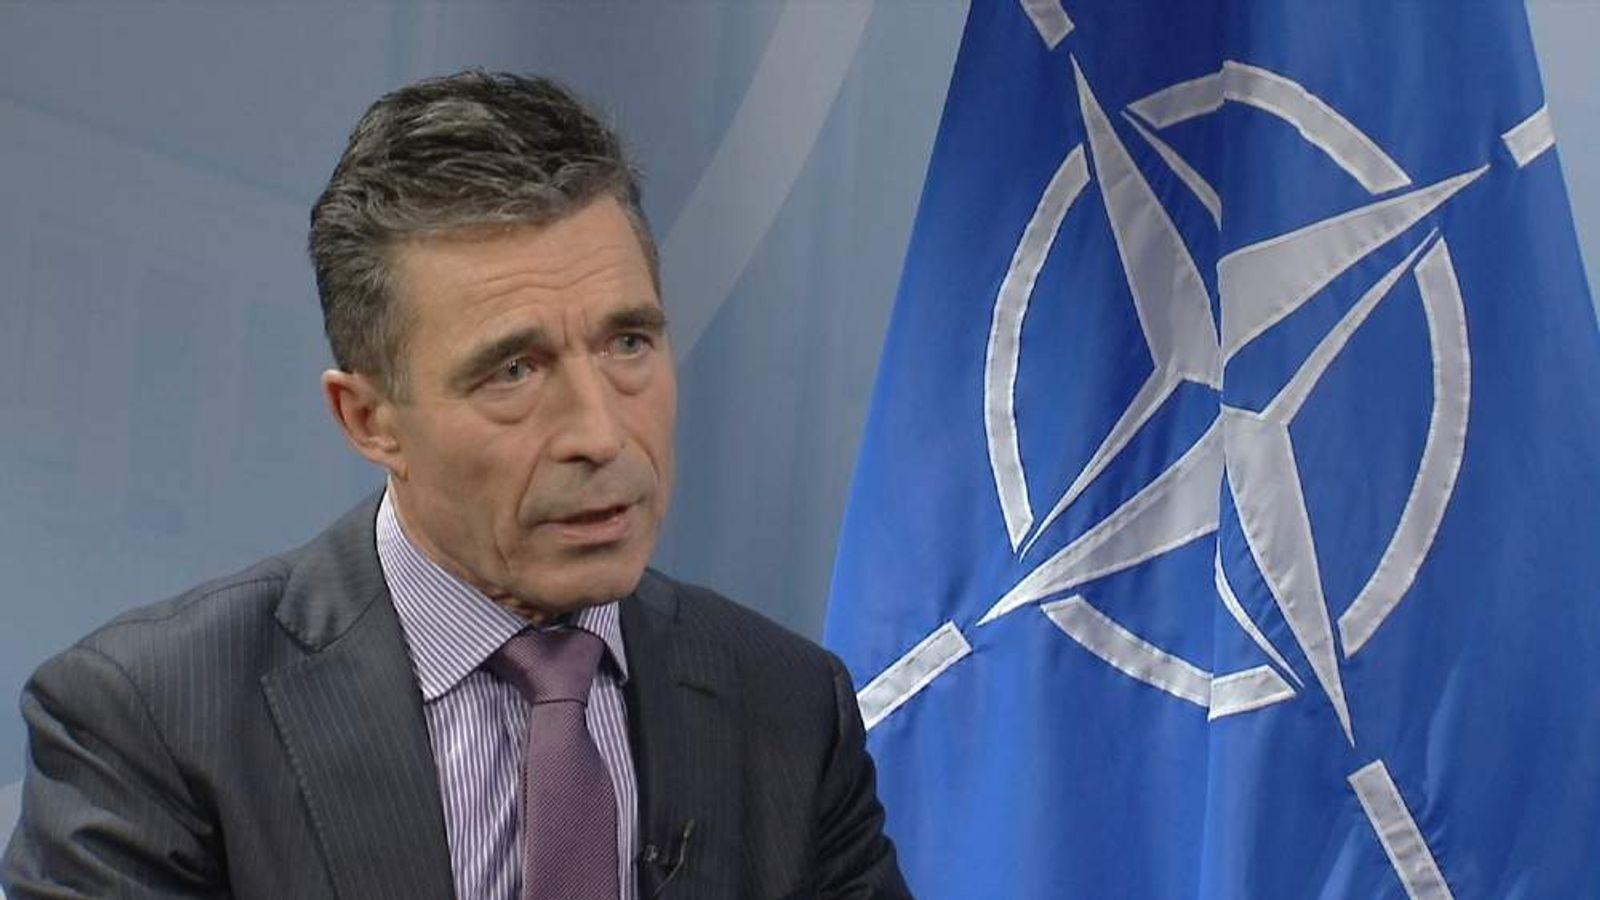 NATO's Anders Fogh Rasmussen